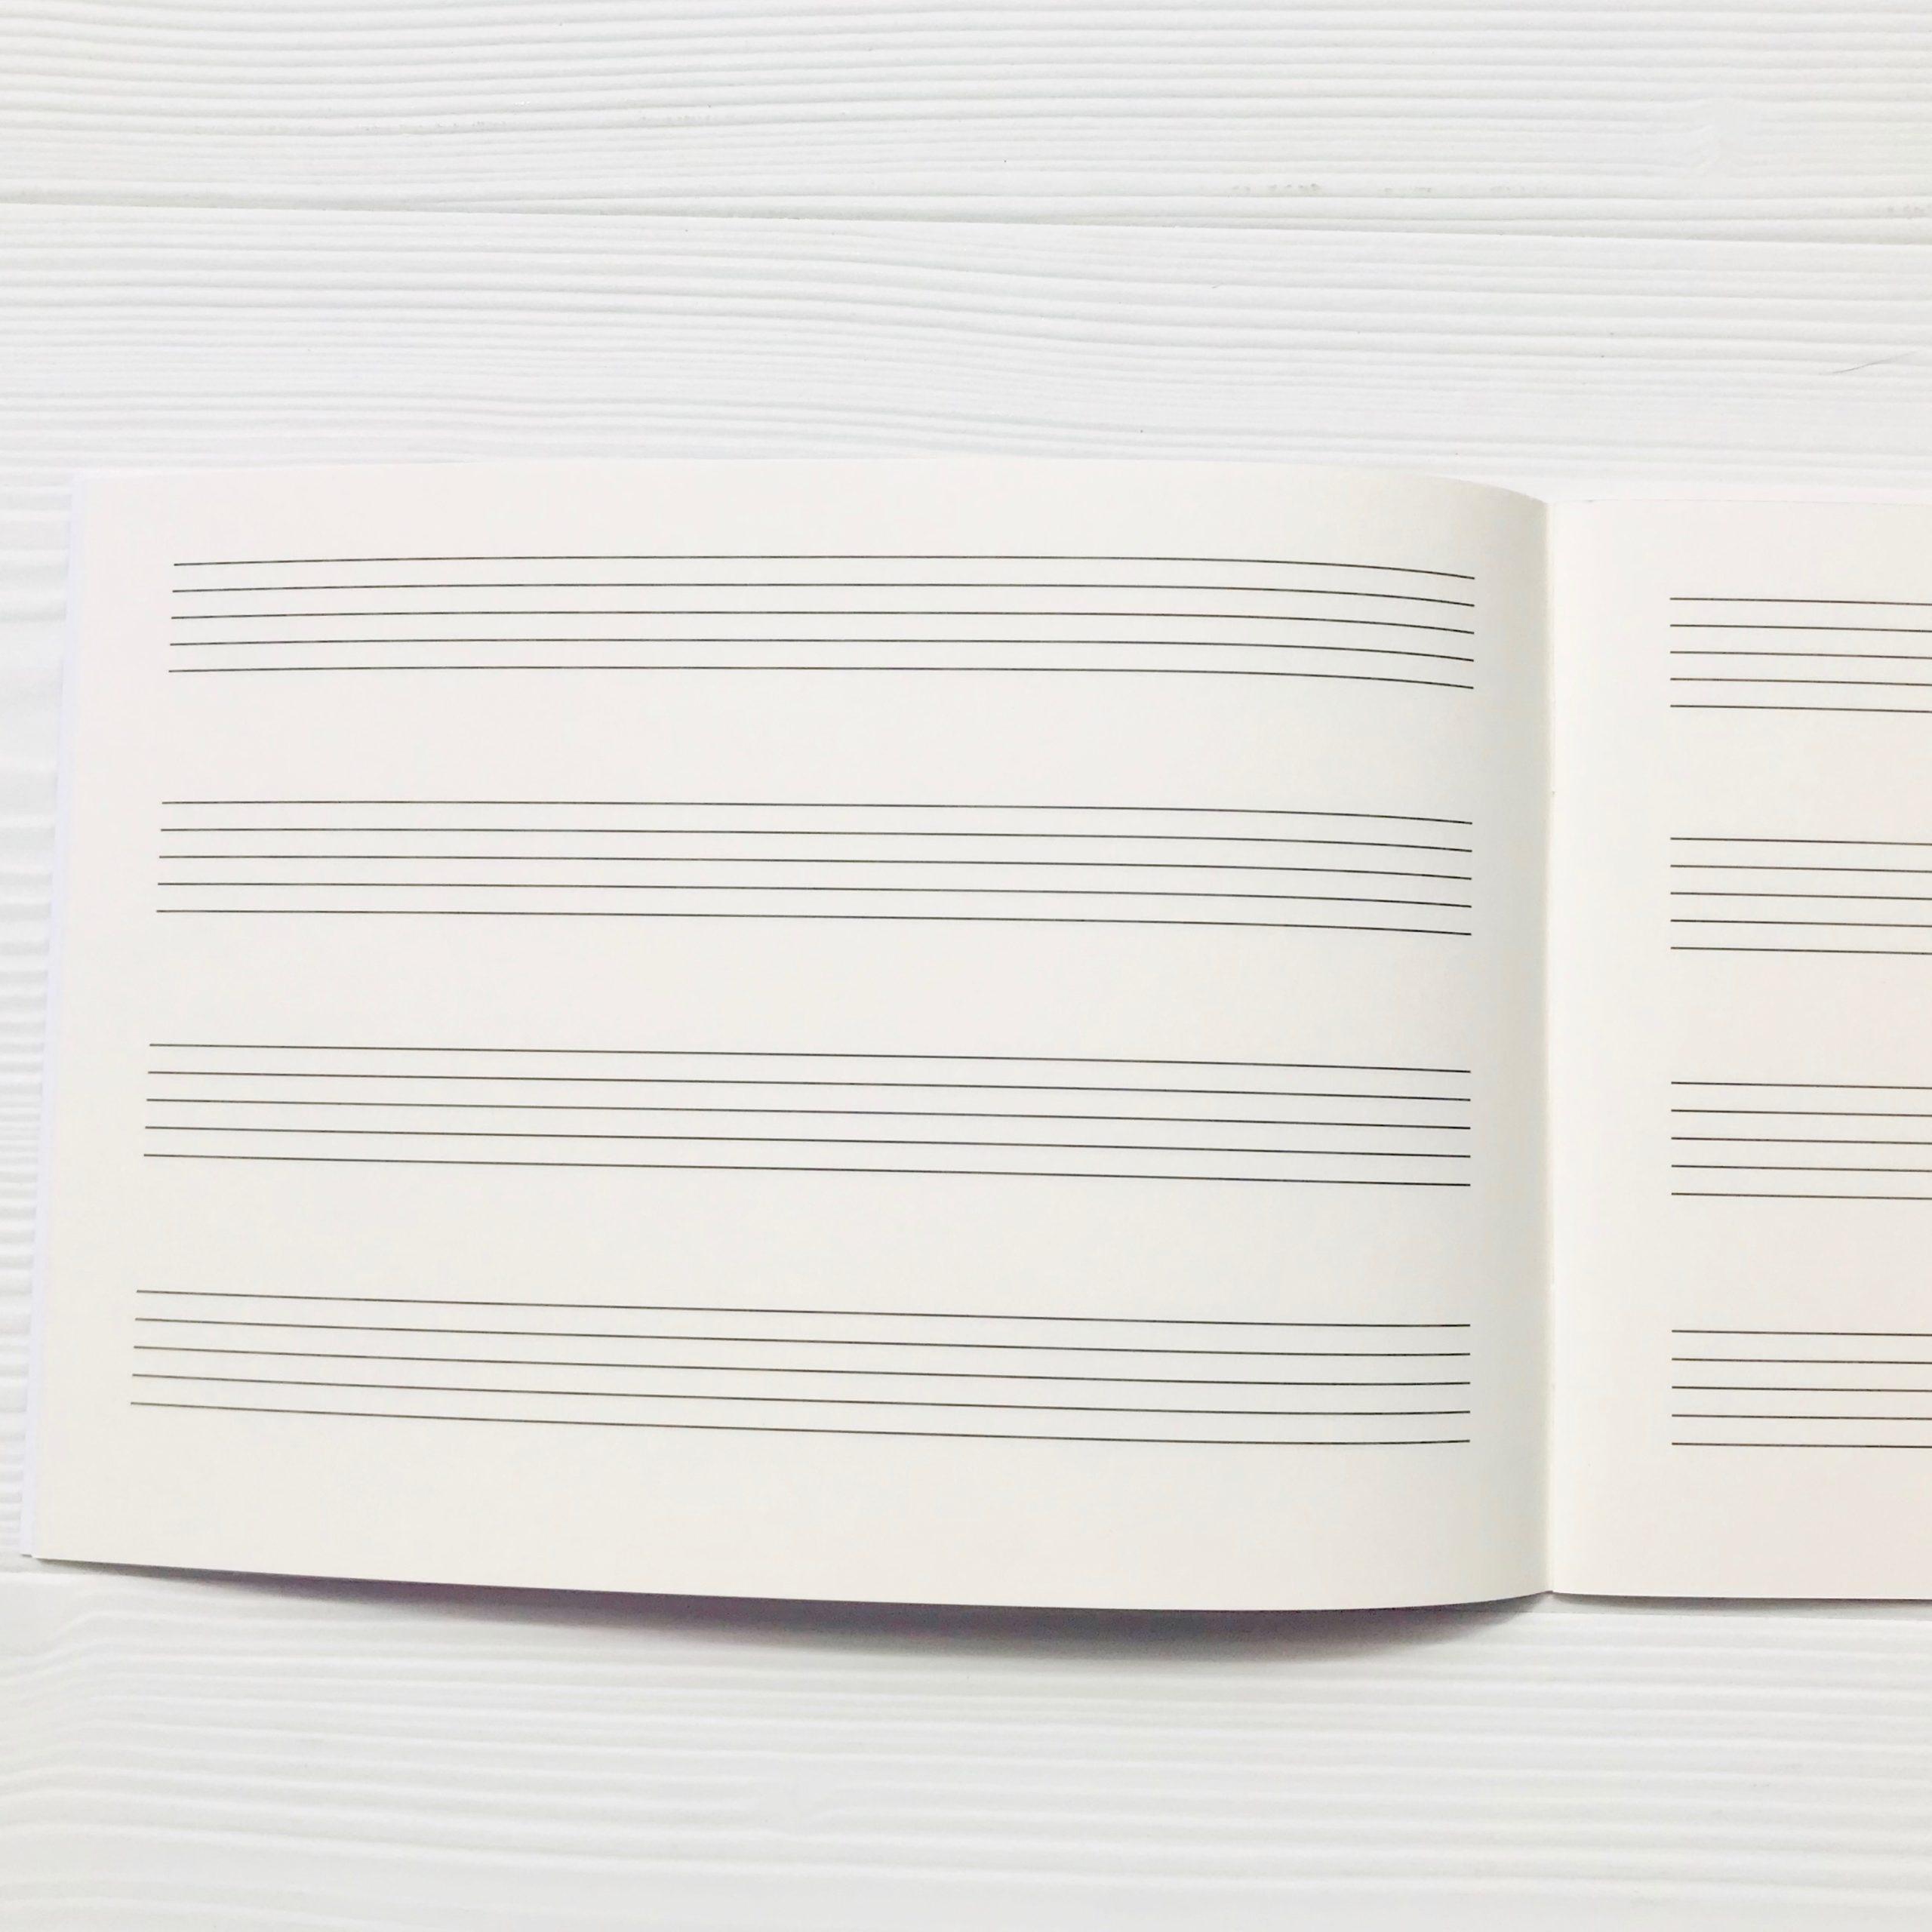 cahier de musique Schott italien 4 portées2